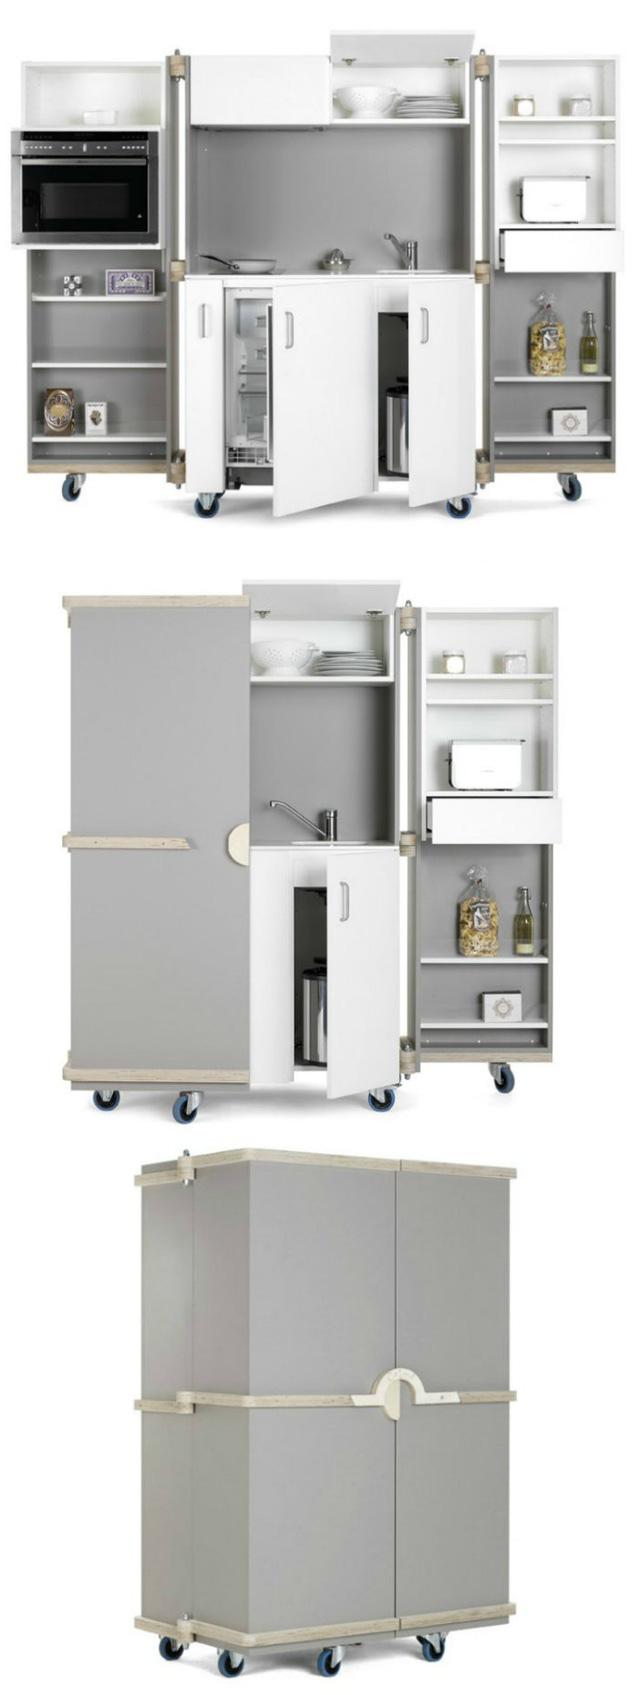 Những gian bếp đóng hộp hiện đại bà nội trợ nào cũng ước ao - Ảnh 1.